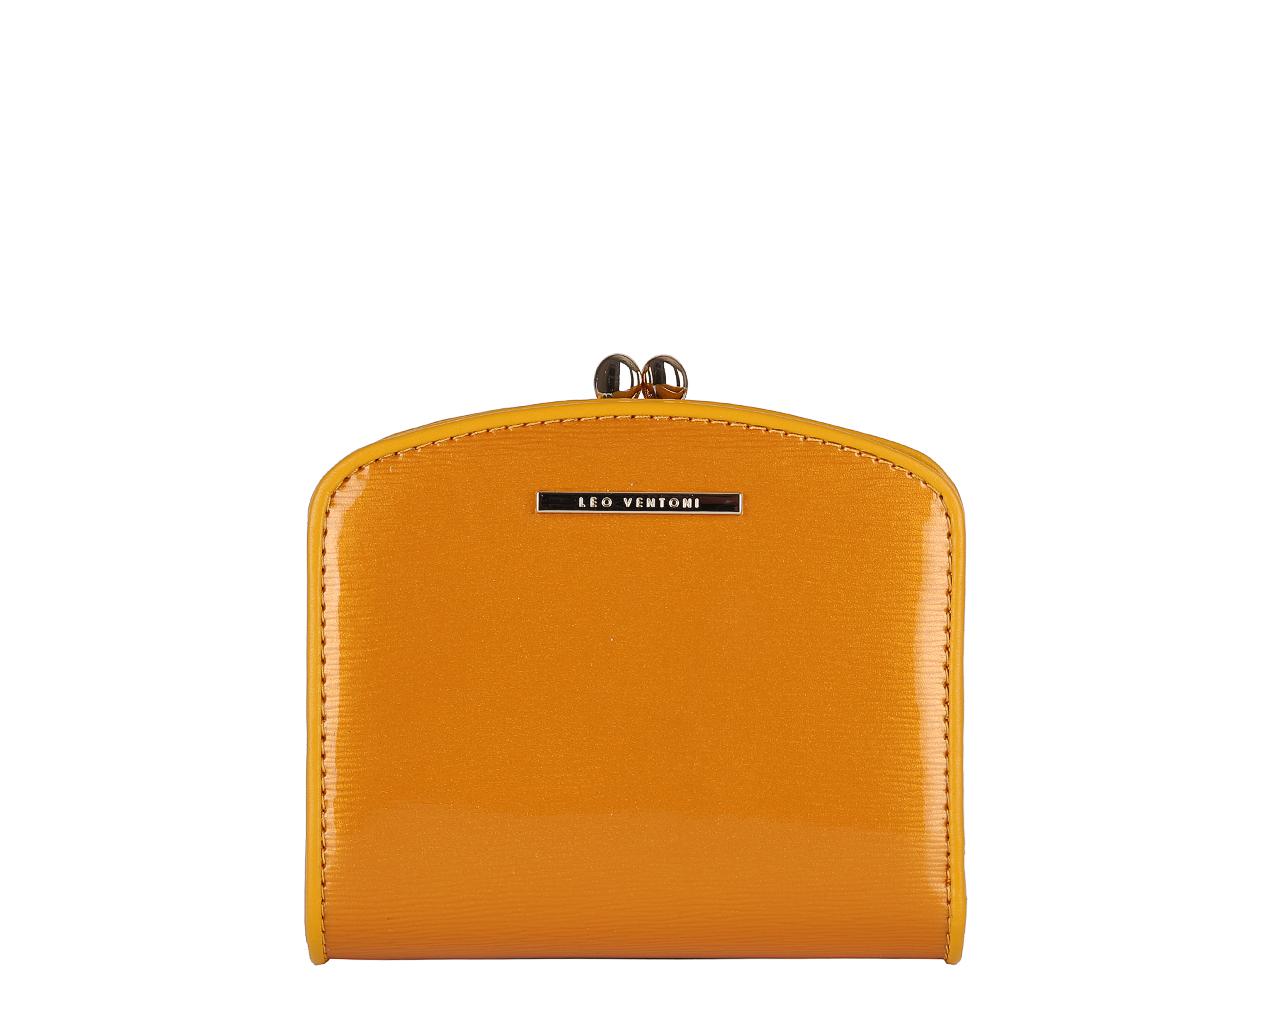 Кошелек женский Leo Ventoni, цвет: желтый. L330837L330837 yellowЭлегантный кошелек Leo Ventoni выполнен из натуральной лакированной кожи с оригинальным тиснением и оформлен металлической фурнитурой с символикой бренда. Внутренняя часть изделия выполнена из текстиля и натуральной кожи. Изделие закрывается на кнопки. Кошелек содержит два отделения для купюр, два боковых карманов, один вертикальный кармашек, восемь карманов для визиток или пластиковых карт, один кармашек для фото с прозрачным пластиковым окошком. Отделение для монет закрывается на рамочный замок и имеет два отсека. Снаружи, на тыльной стороне кошелька, расположен еще один открытый кармашек. Изделие поставляется в подарочной коробке с логотипом бренда. Стильный кошелек Leo Ventoni станет отличным подарком для человека, ценящего качественные и практичные вещи.